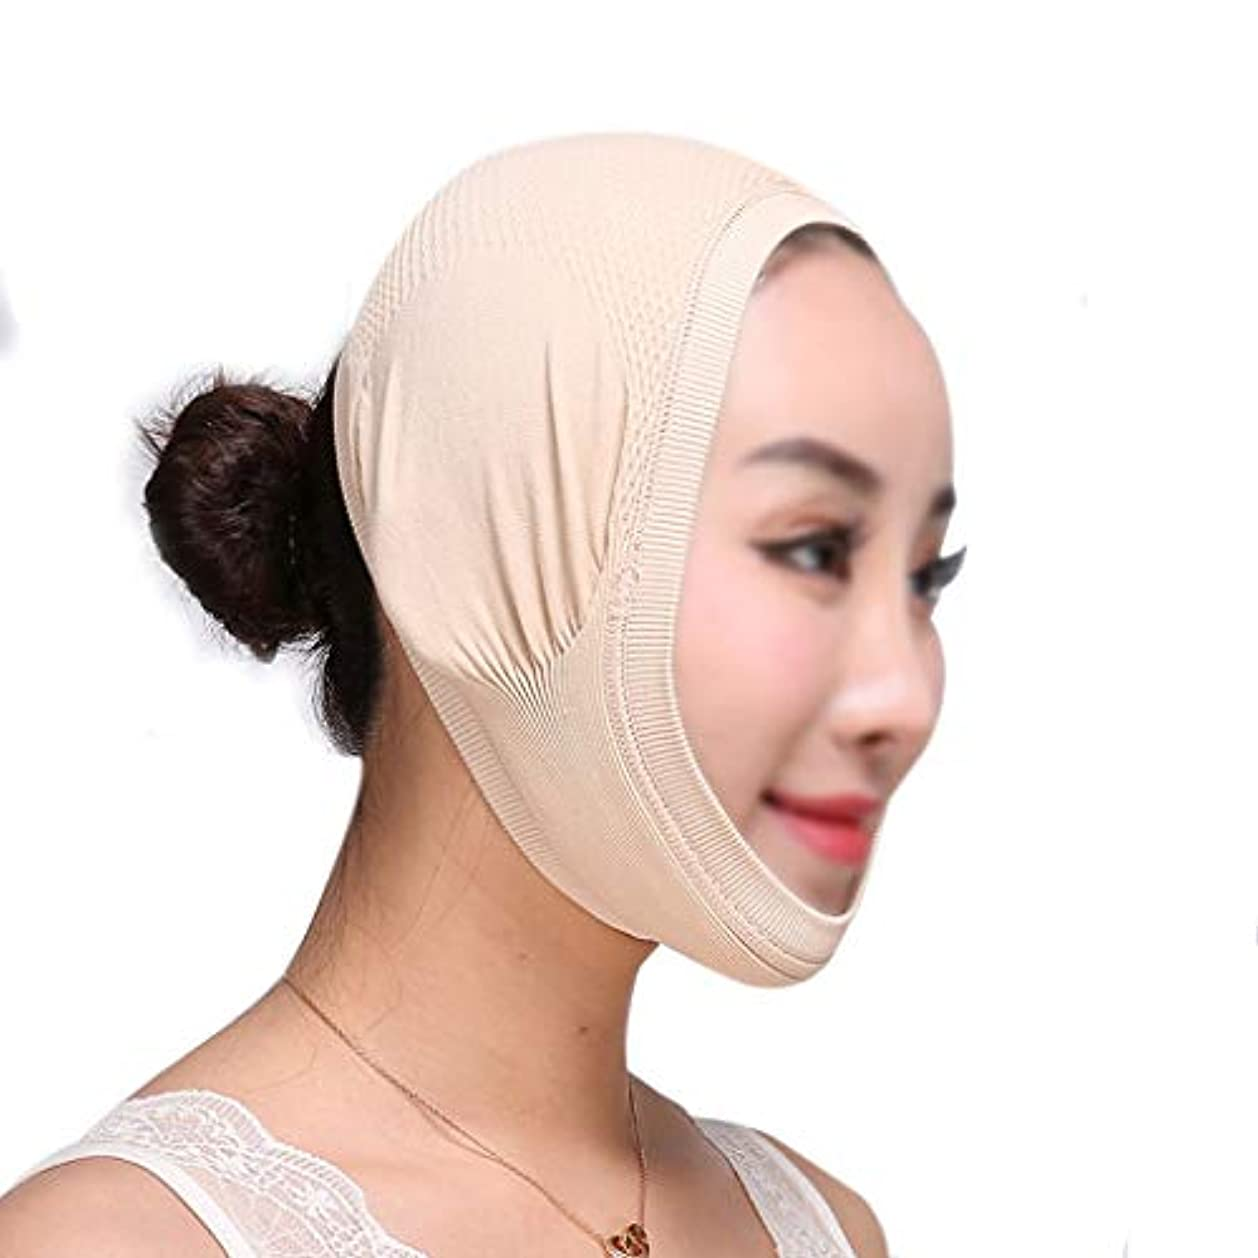 進行中運ぶなすMLX V顔リフティング包帯薄いフェイスマスクを眠っている整形手術病院ライン彫刻術後回復ヘッドギア医療マスク (Color : Skin tone(B))